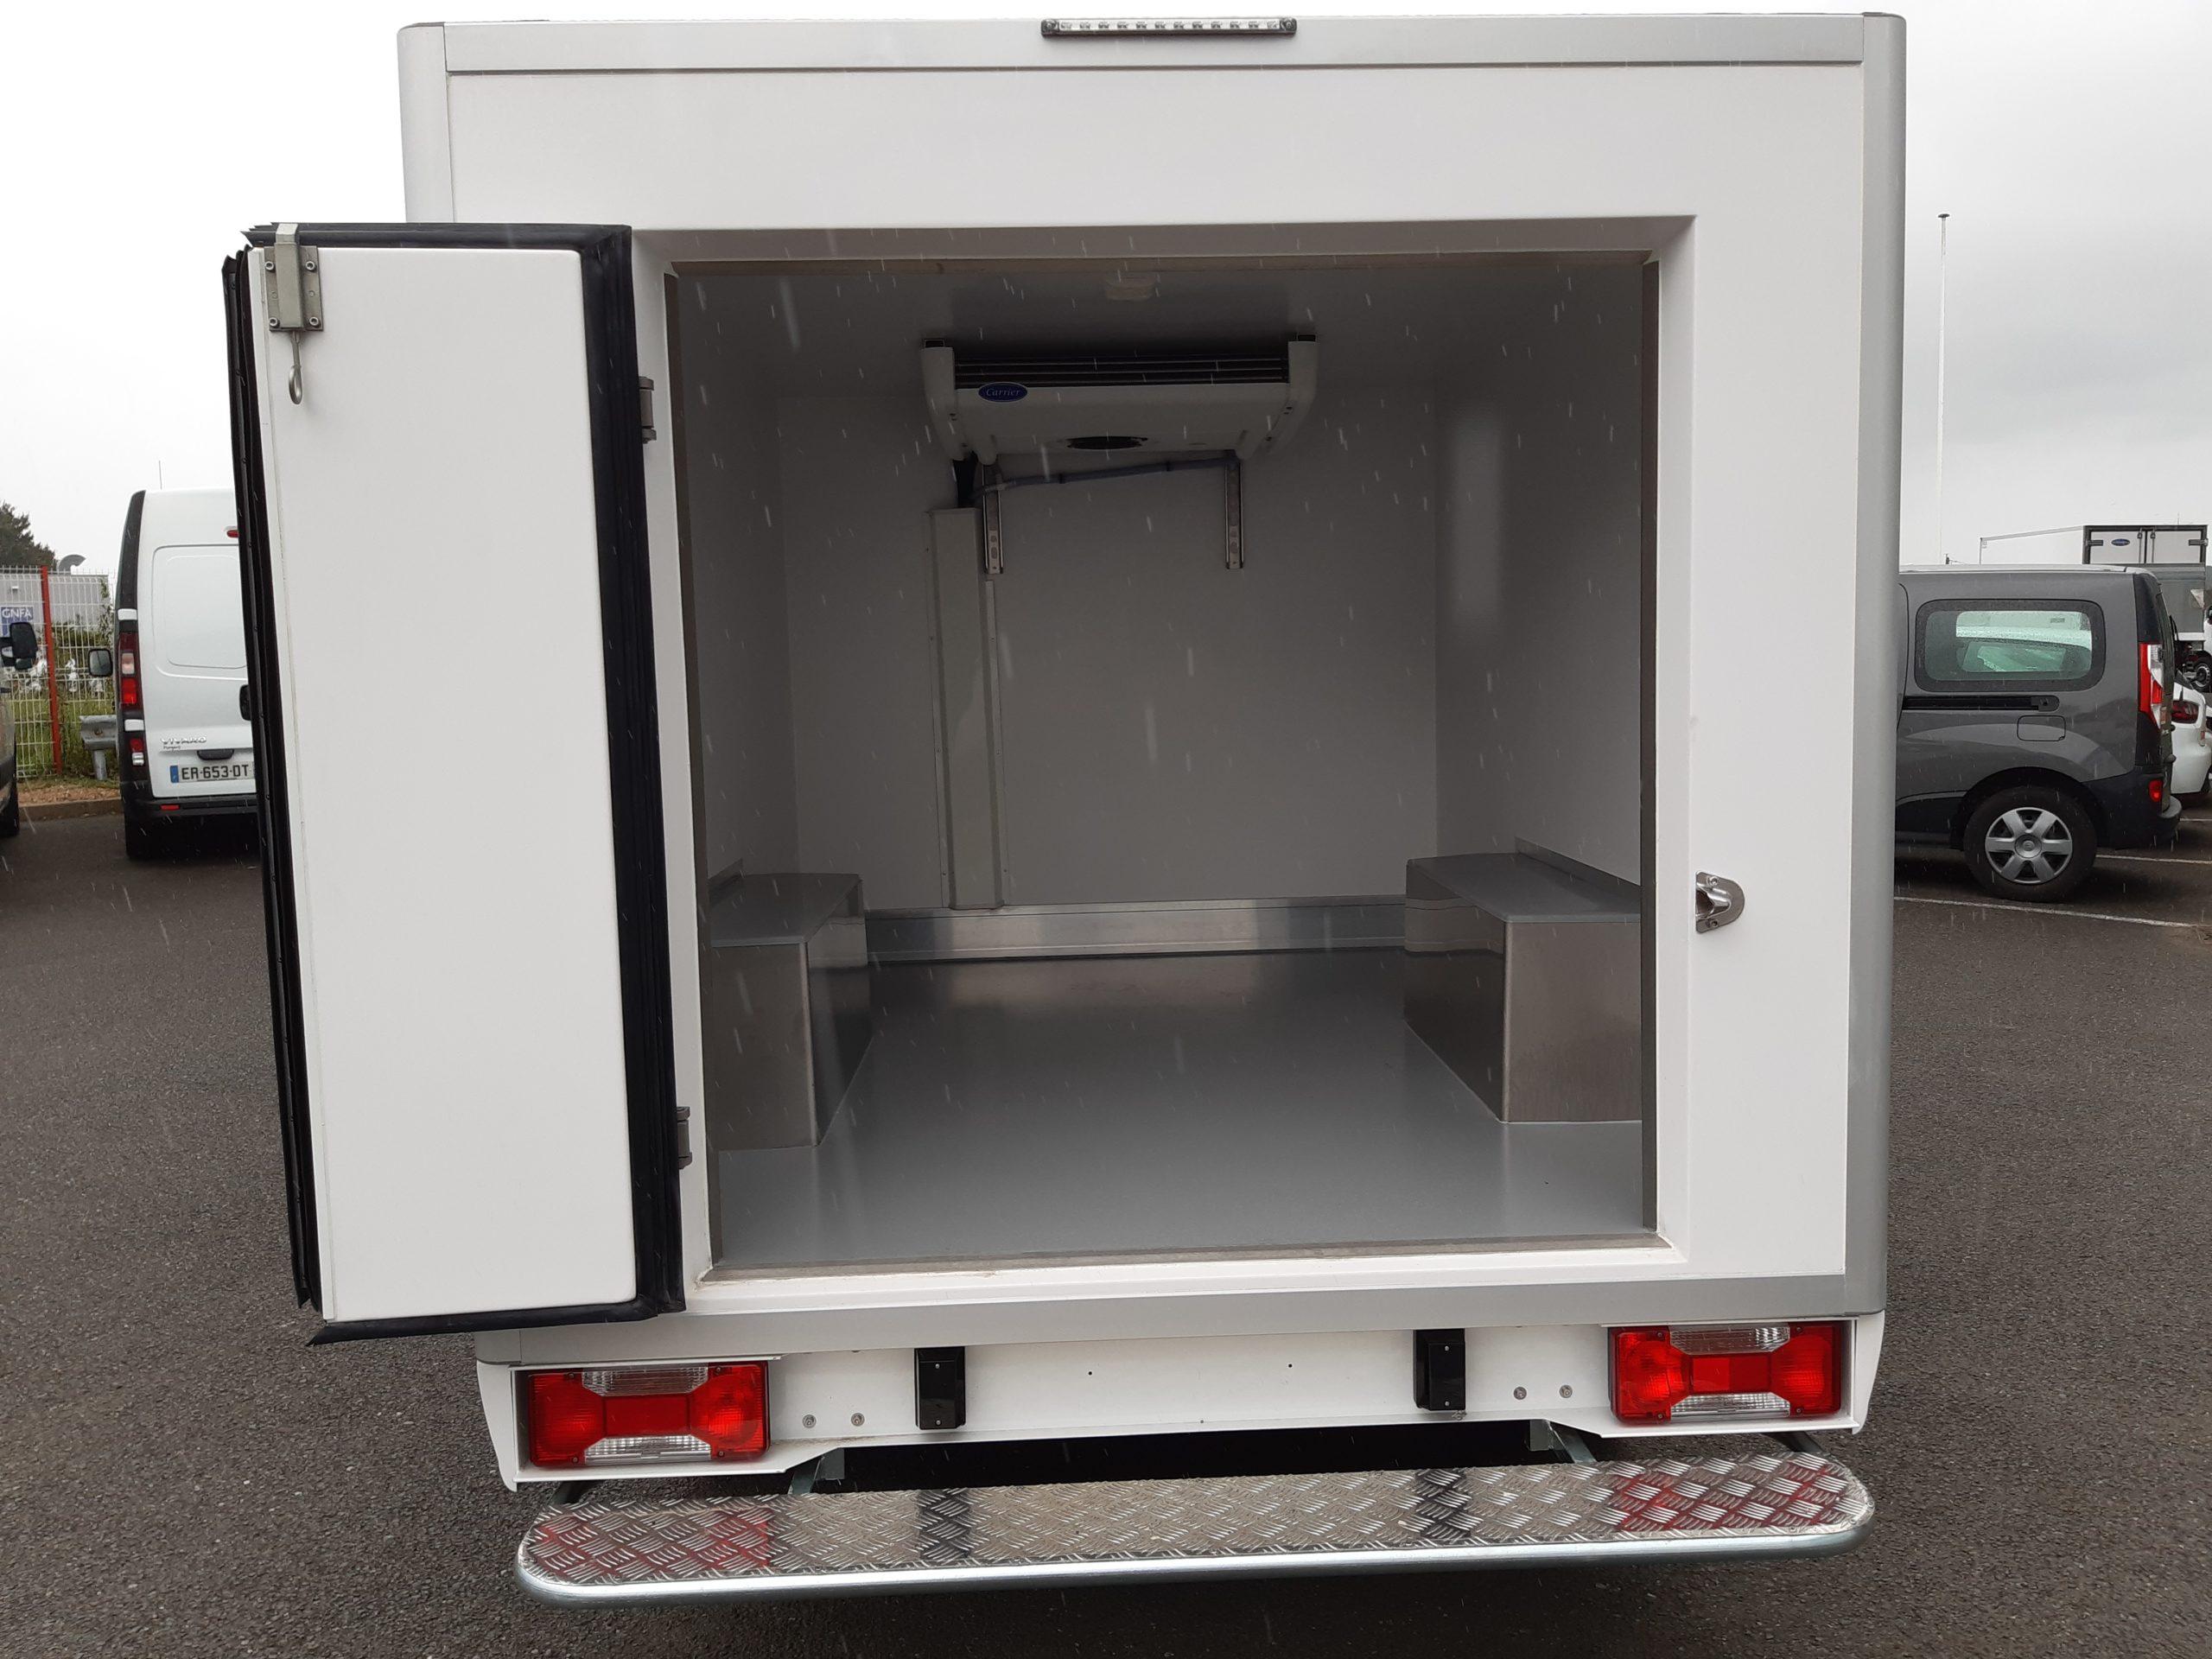 Location d'un utilitaire frigorifique plancher cabine 3m3 - Fiat Doblo Cargo -Vue5